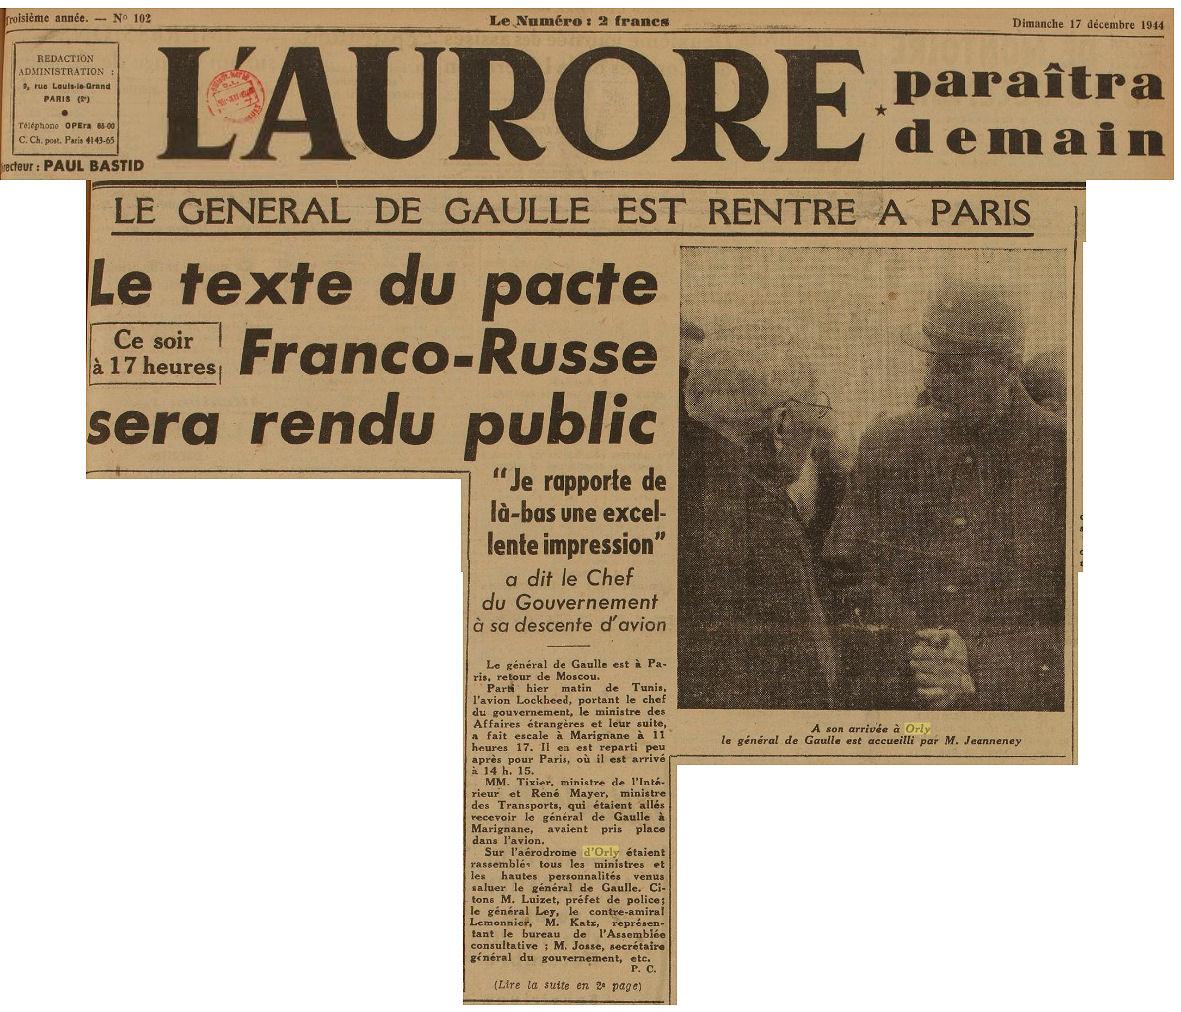 1944- 17 decembre - de gaulle